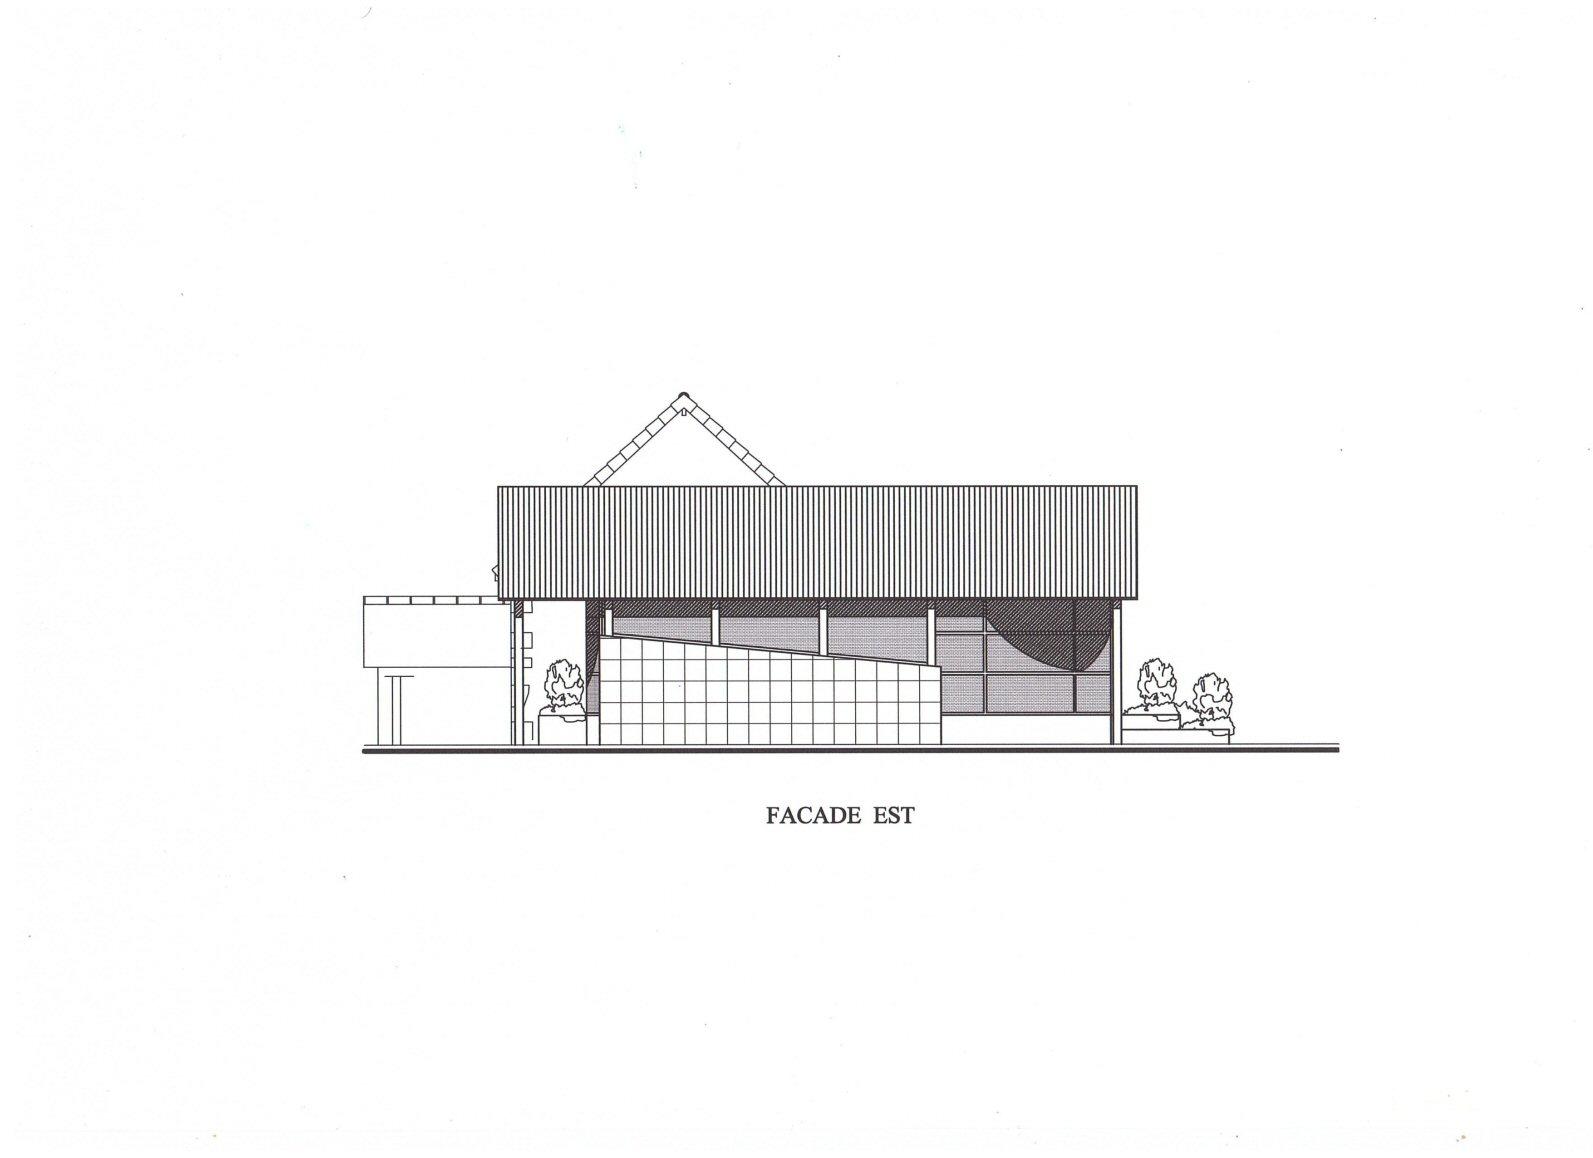 Vue façade est projet de construction de la mairie (64) - Architecte Jean-Marc Ritondo